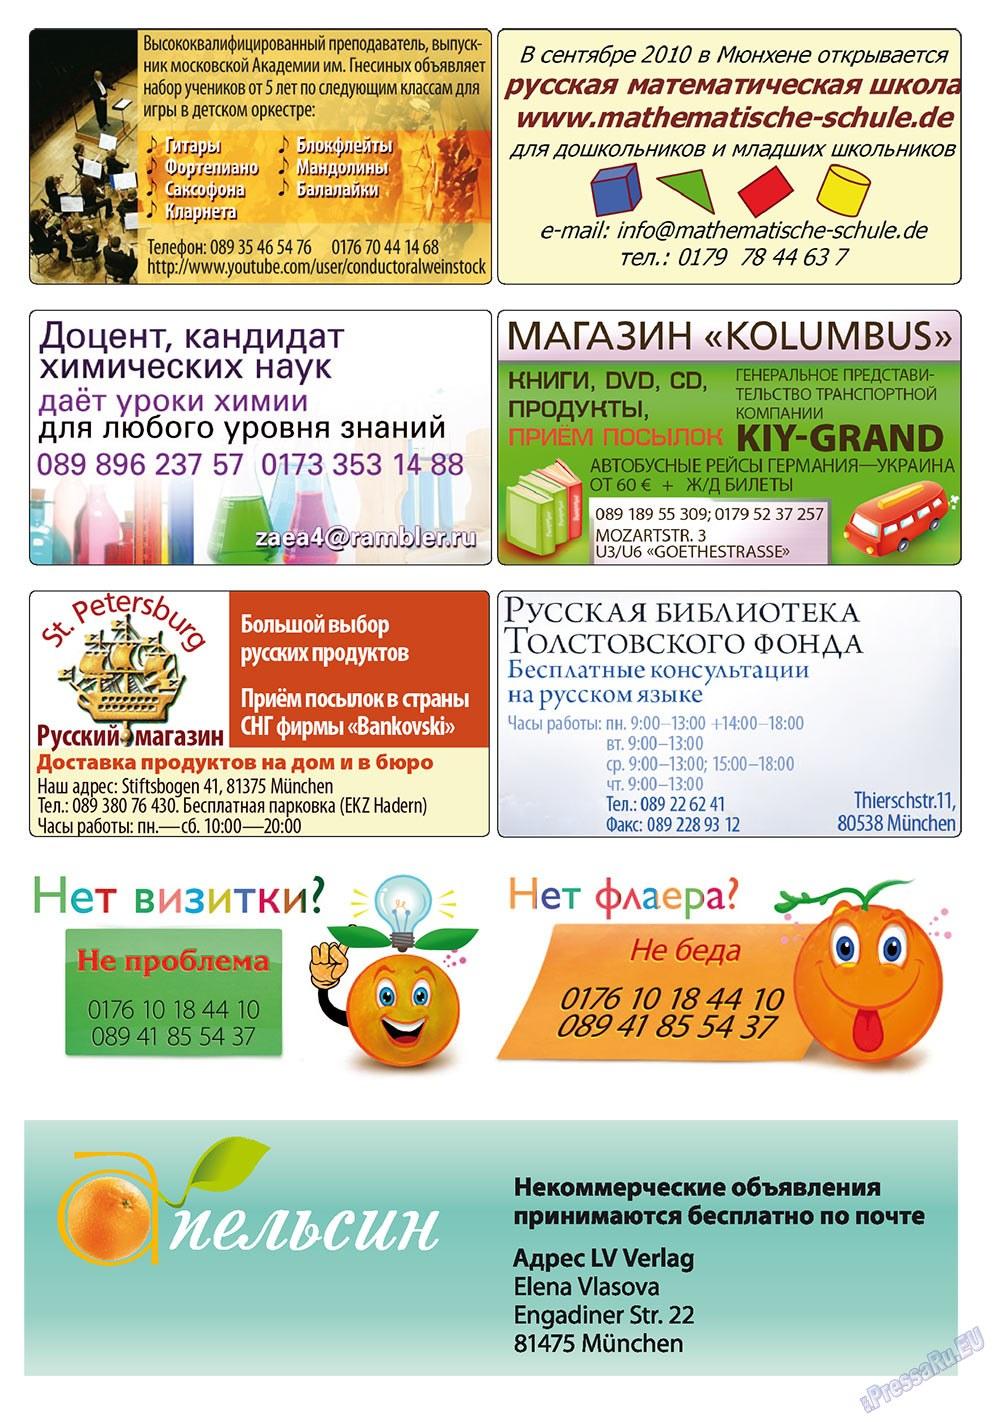 Апельсин (журнал). 2011 год, номер 19, стр. 28